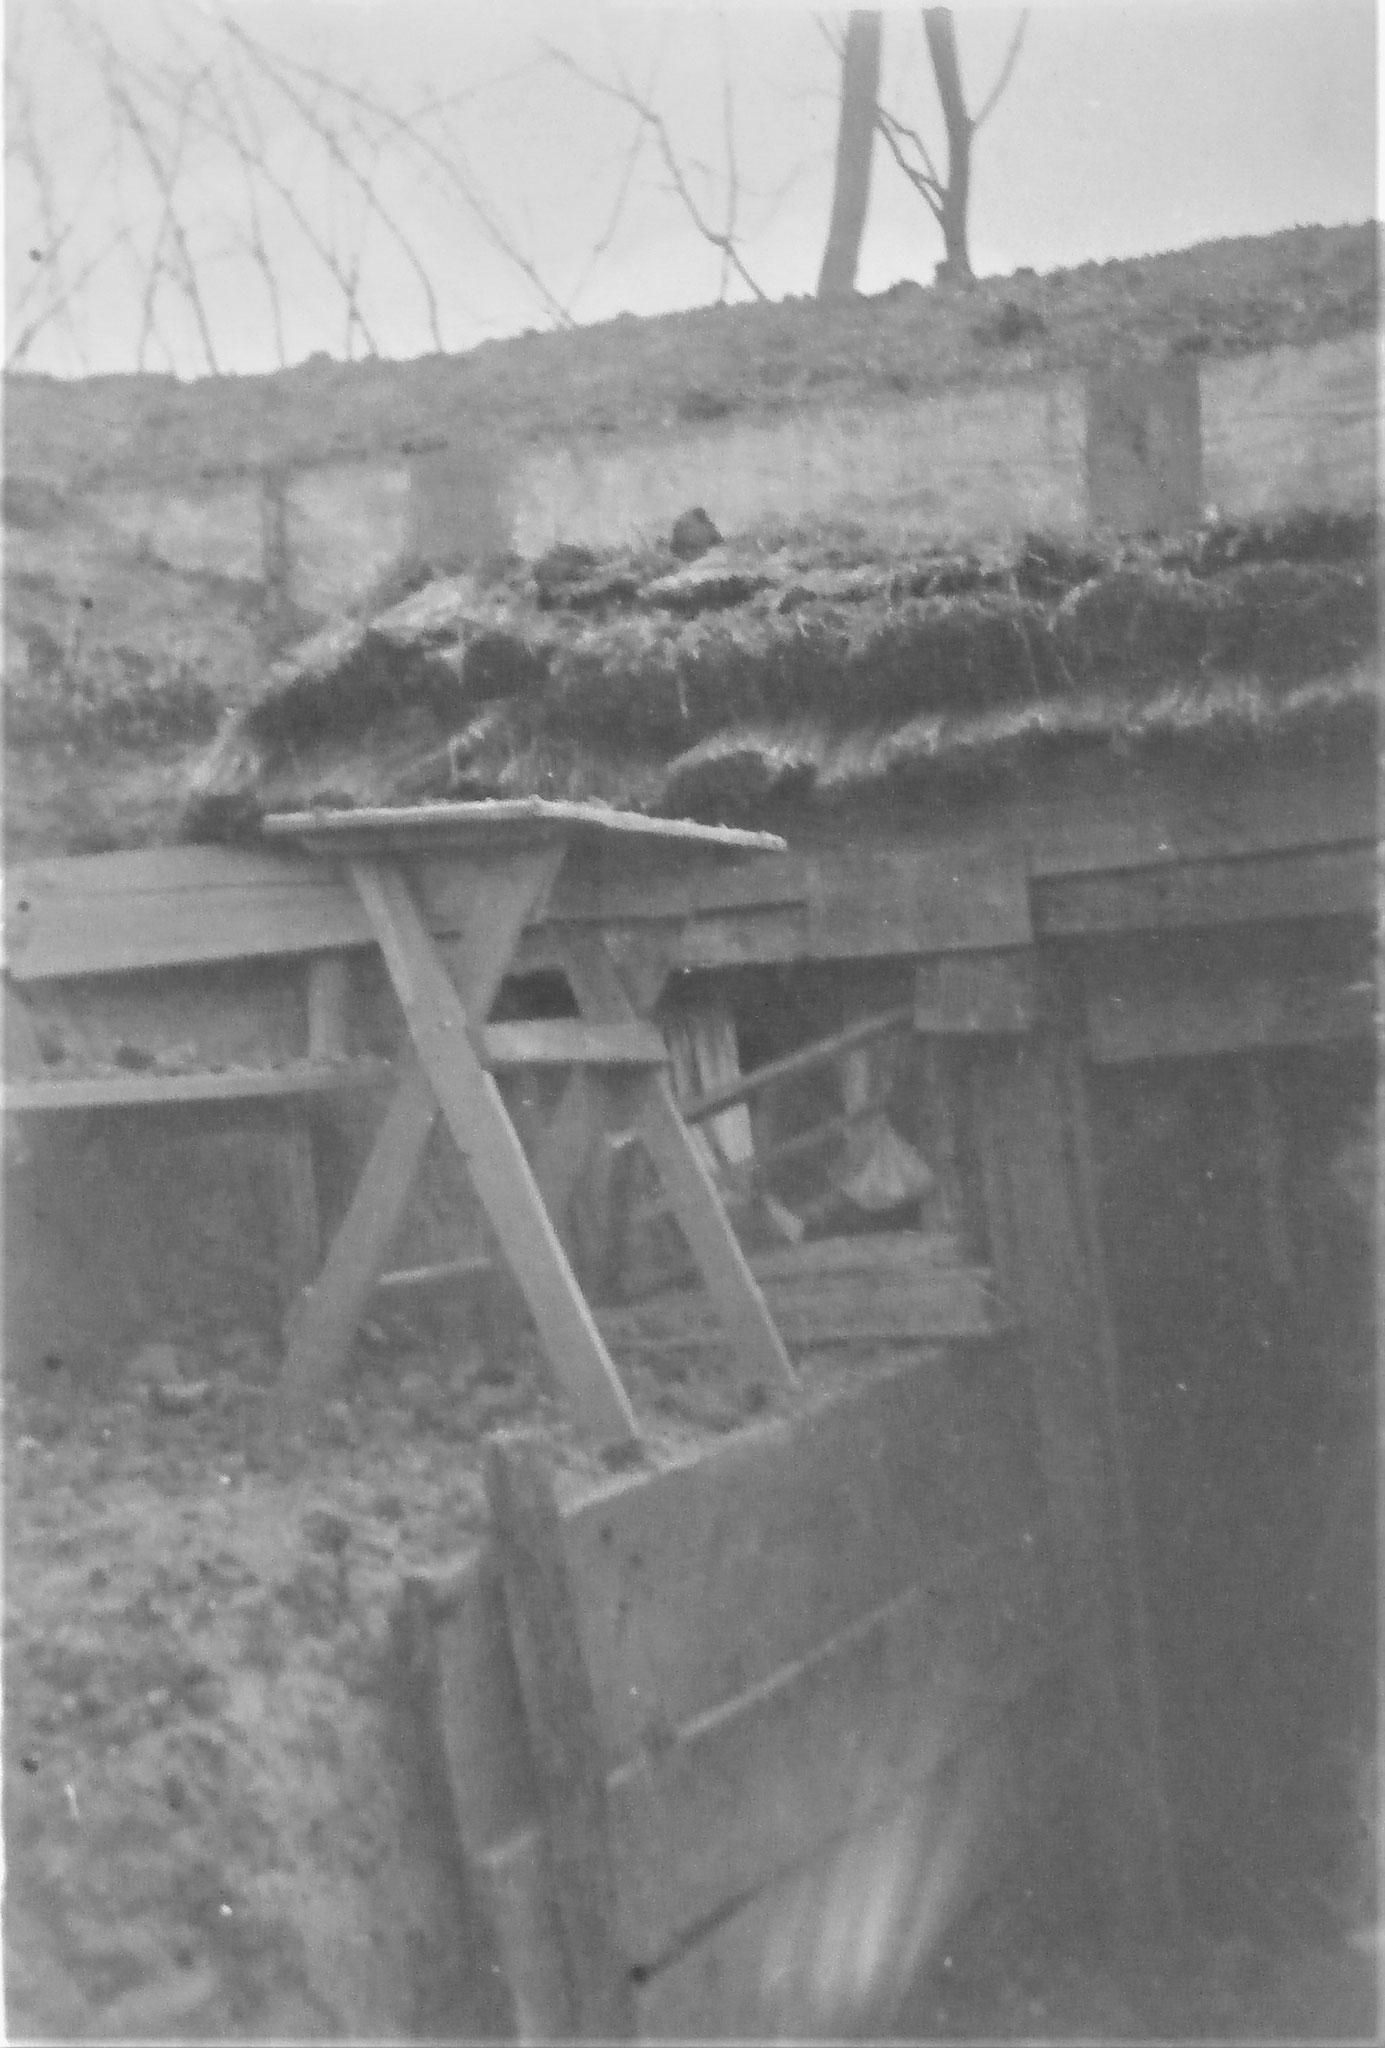 Wysocko Mai 1917. Meine Wohnung, nachdem daneben eine 18 cm Granate geplatzt ist.